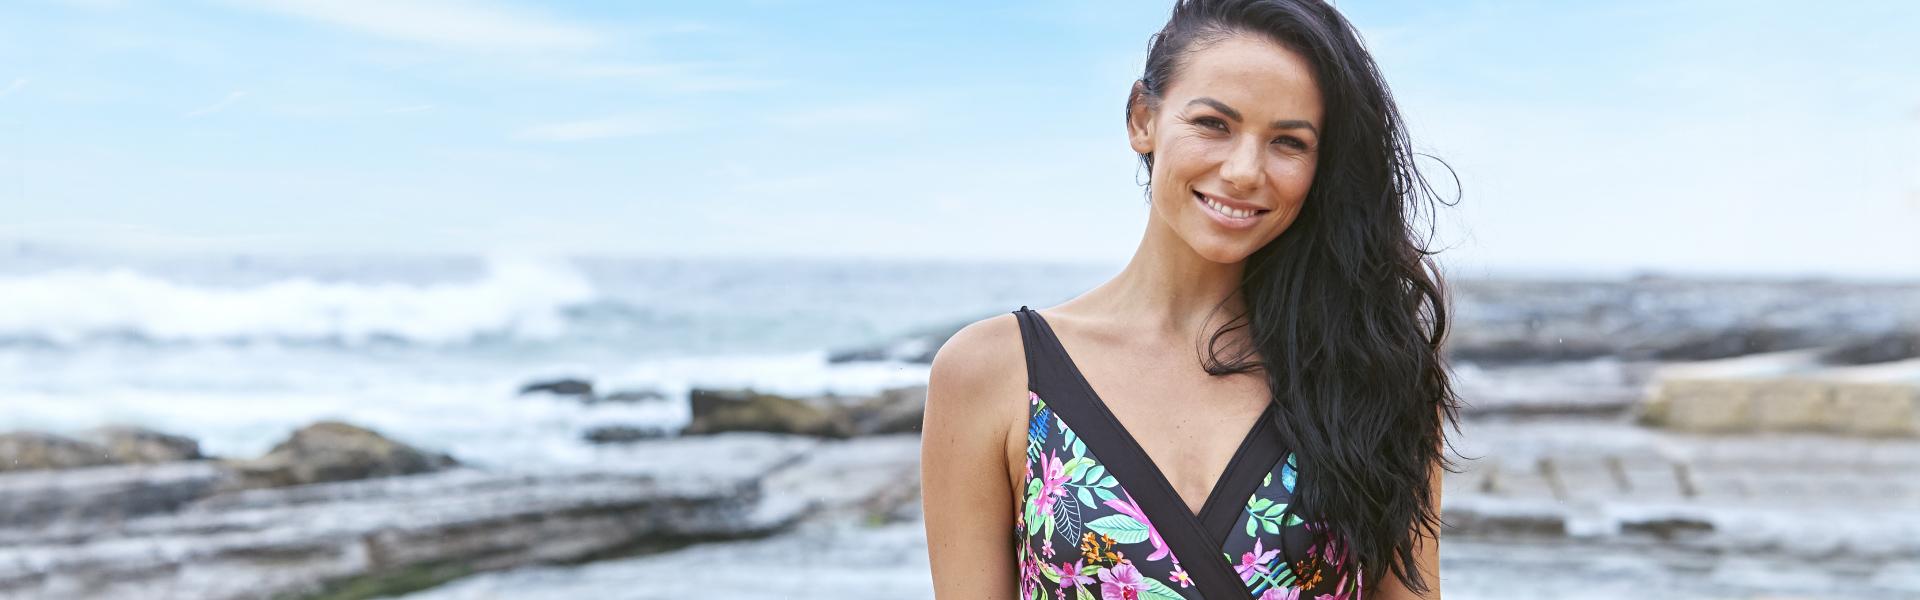 Women's Swimwear - It's All About the Back!